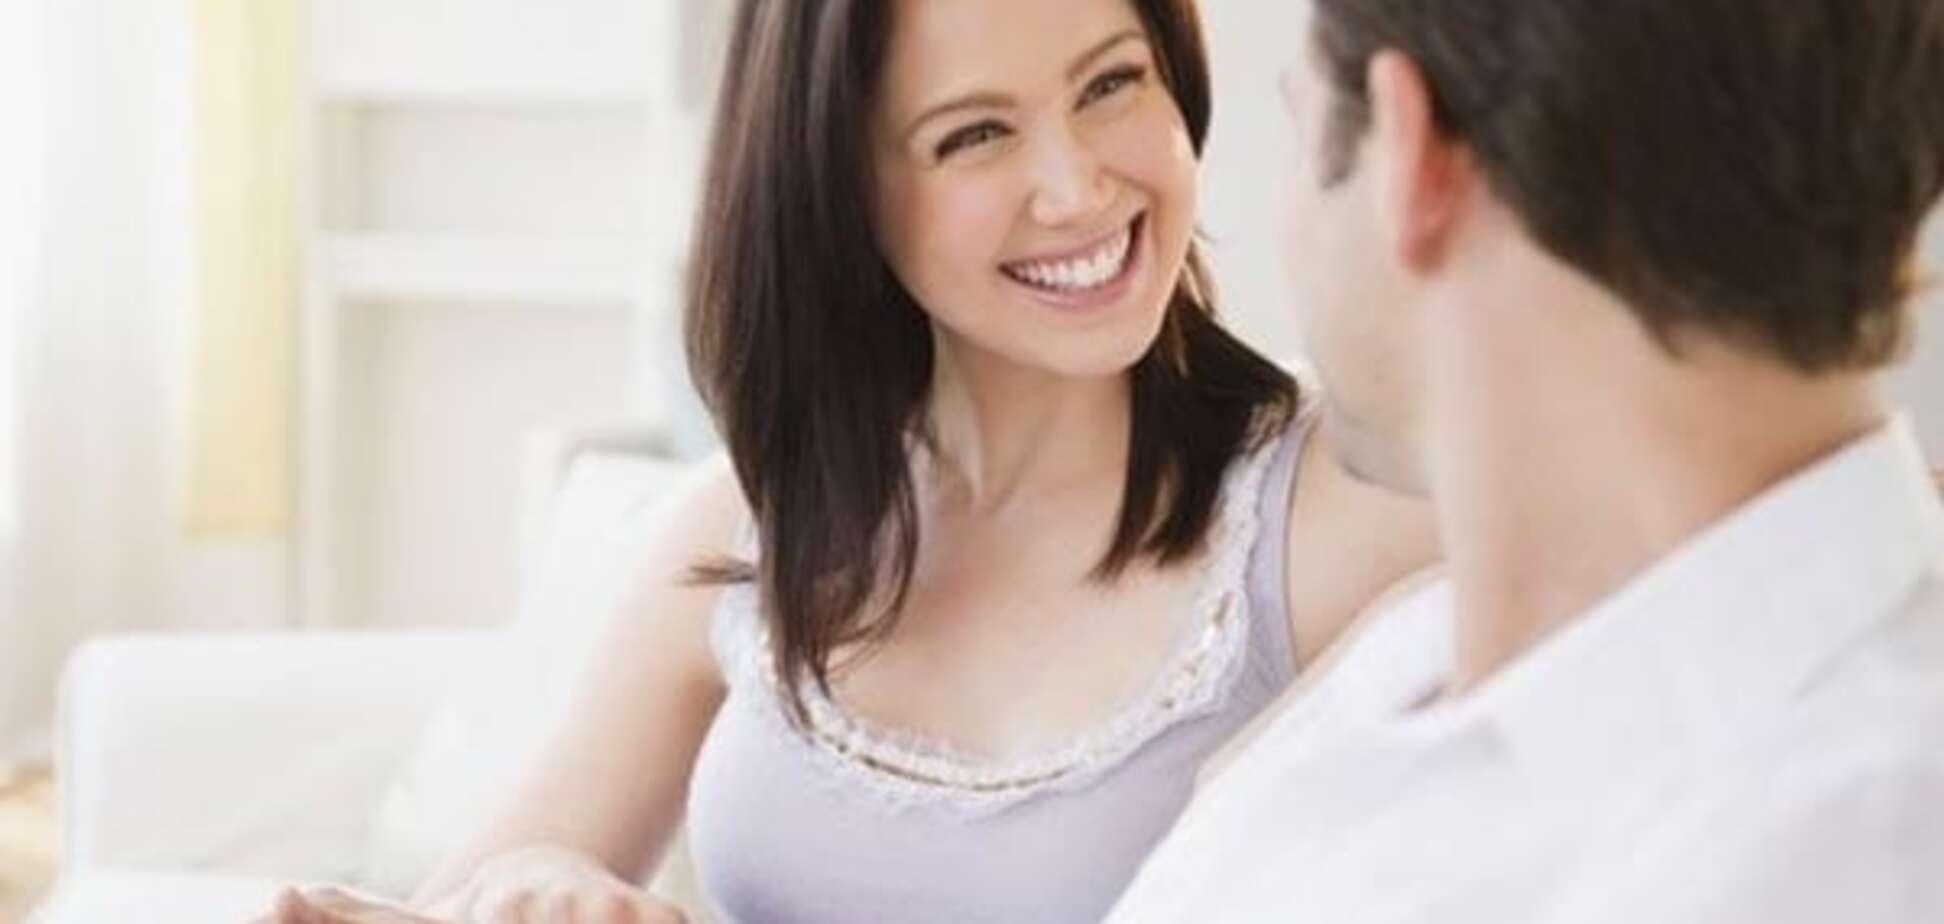 Интимное знакомство: что важно узнать друг о друге до свадьбы